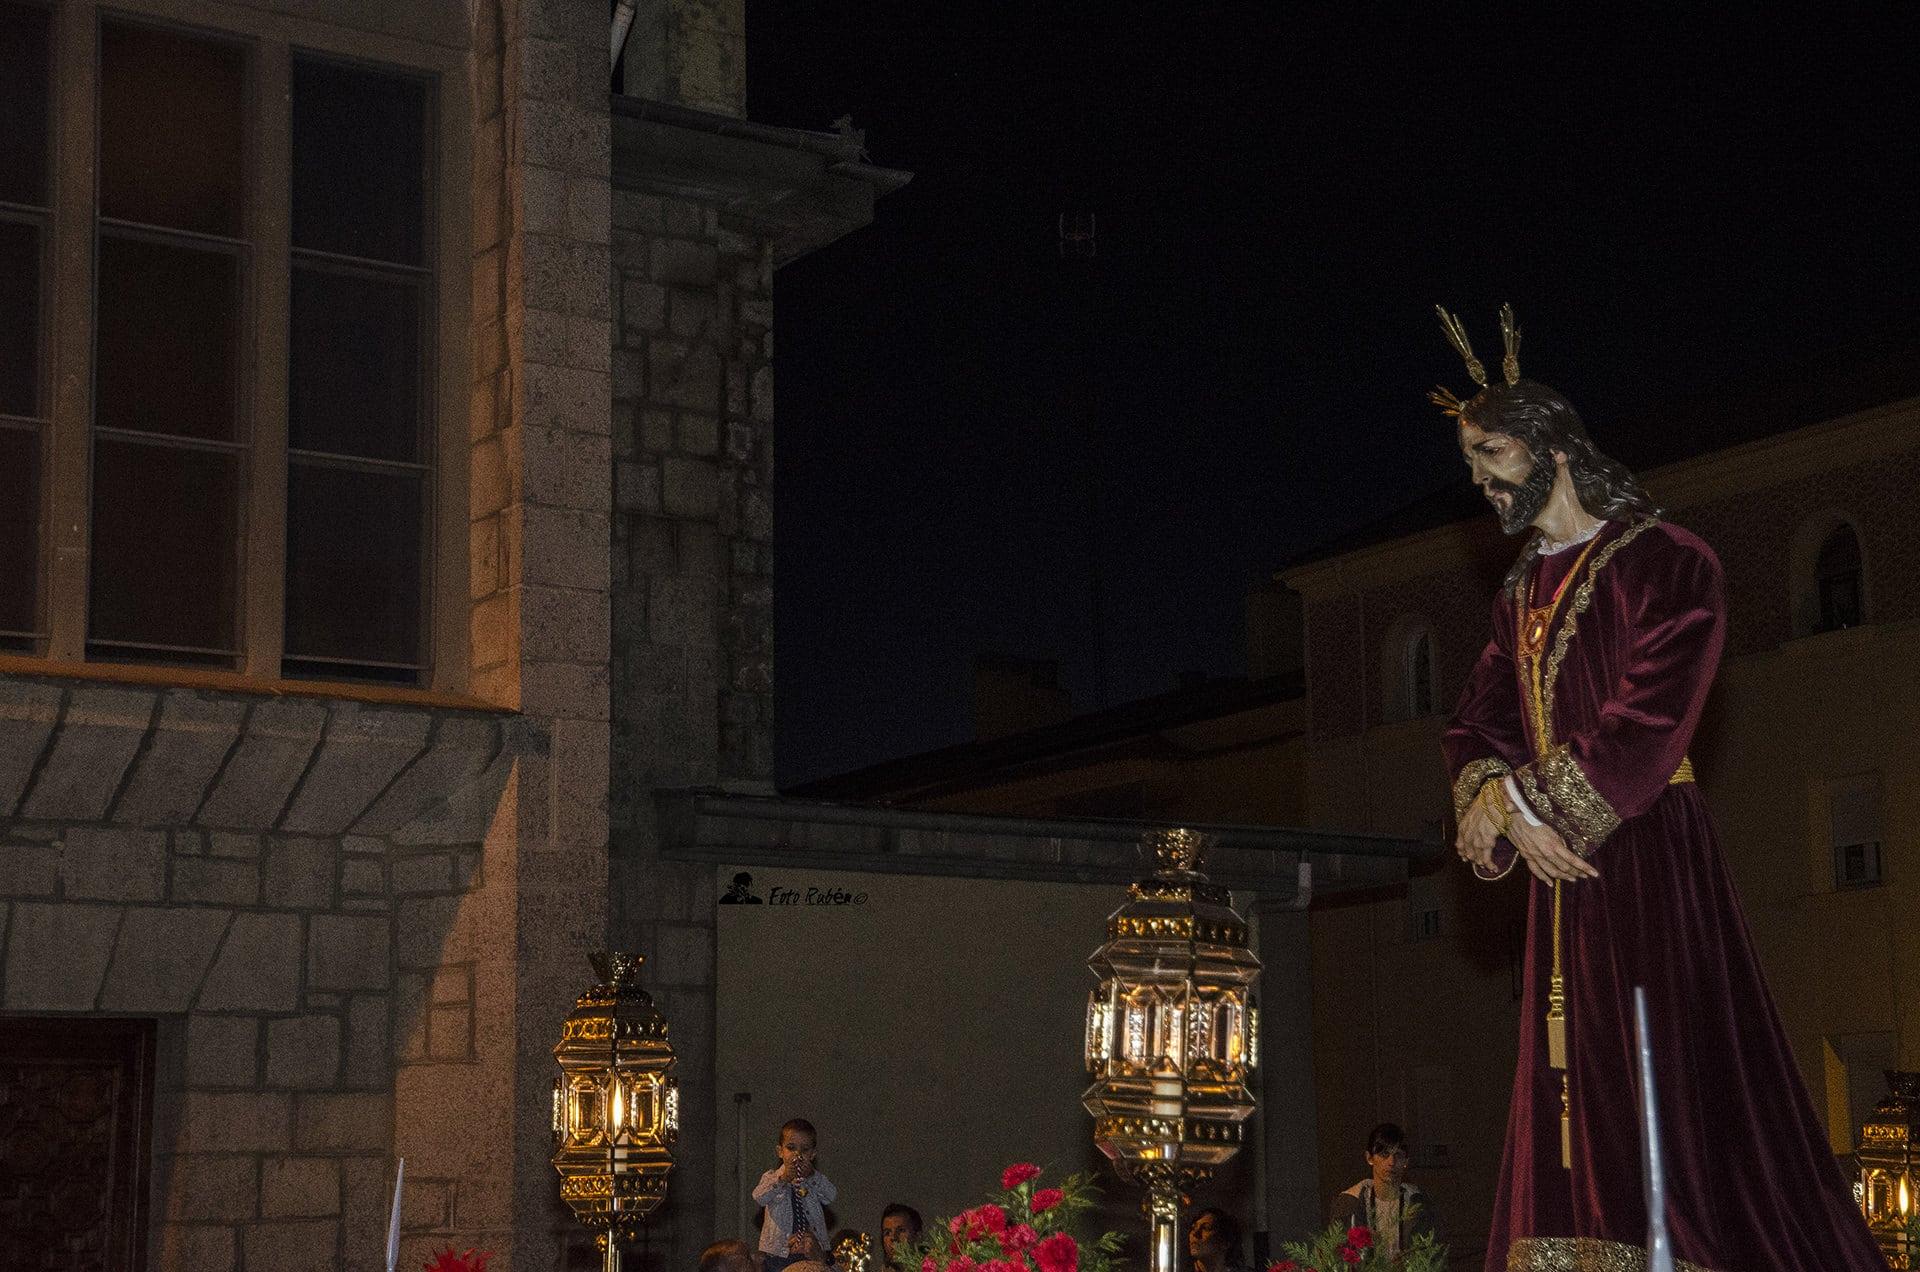 Procesión de Nuestro Padre Jesús Cautivo, Segovia 2